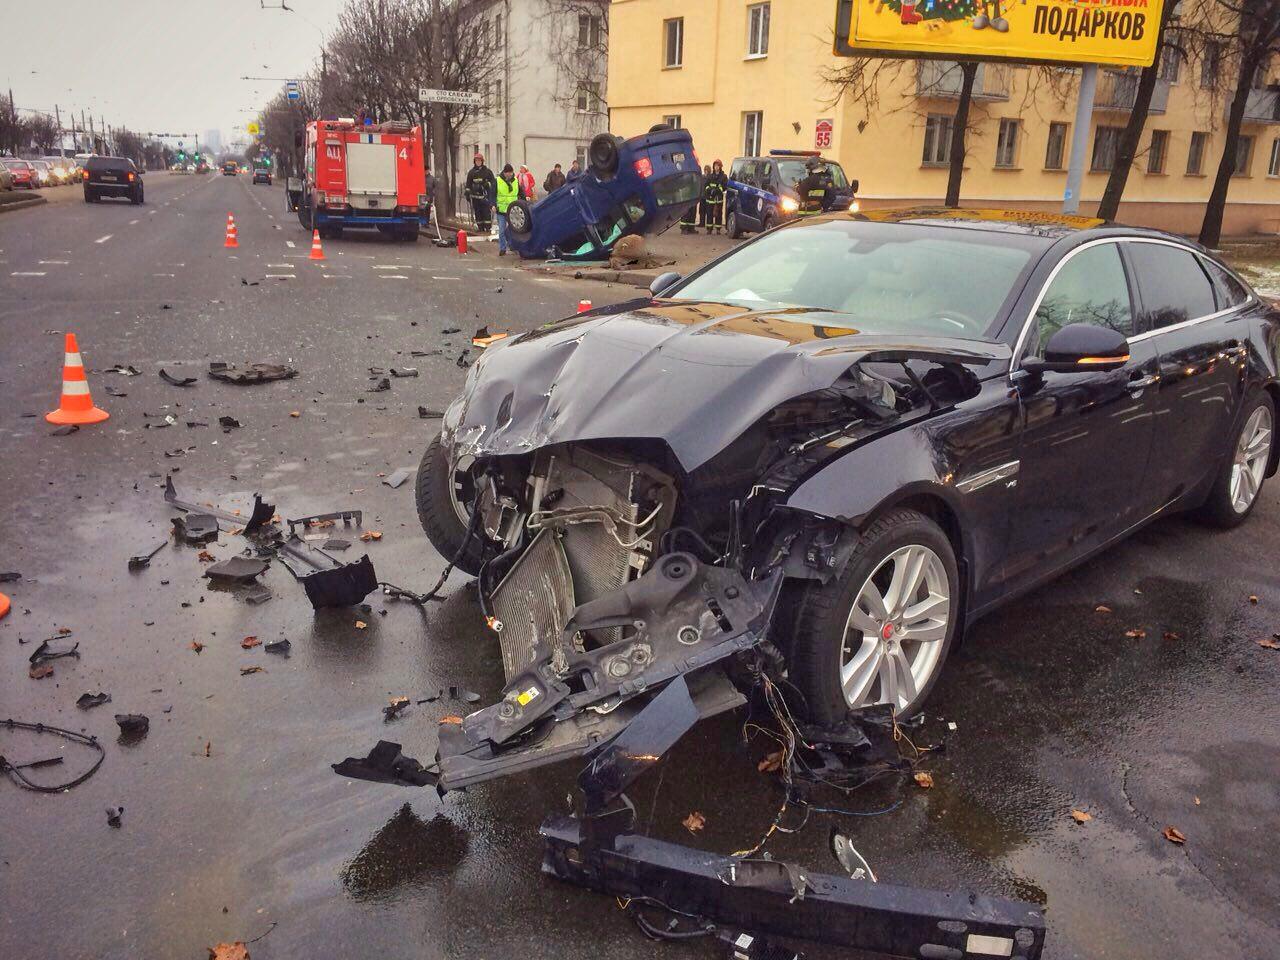 ДТП со смертельным исходом произошло в Минске